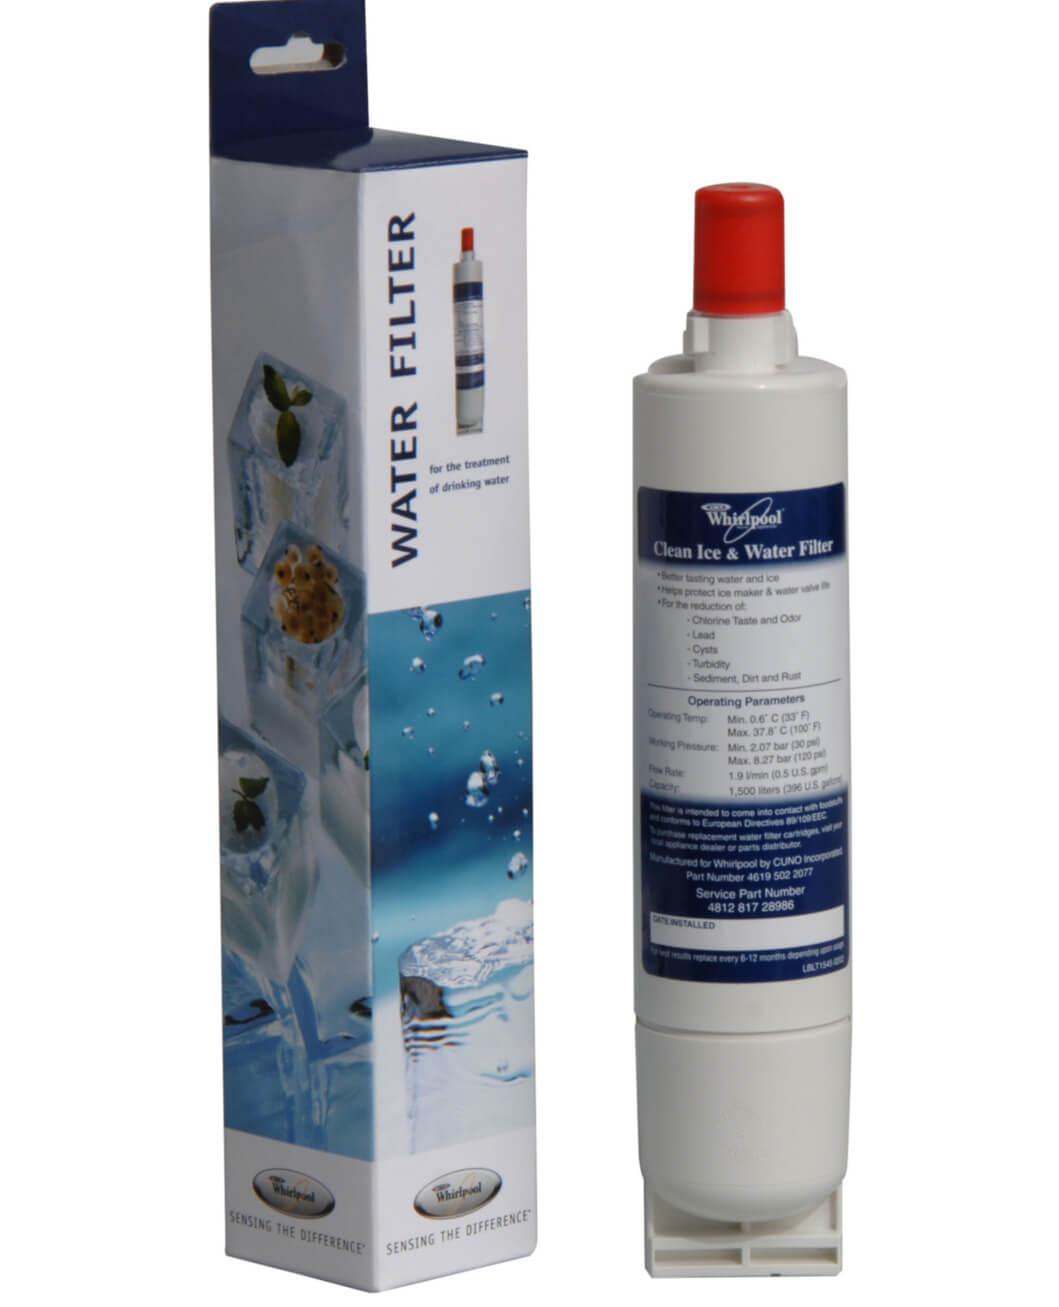 filtro-de-agua-cartucho-whirlpool